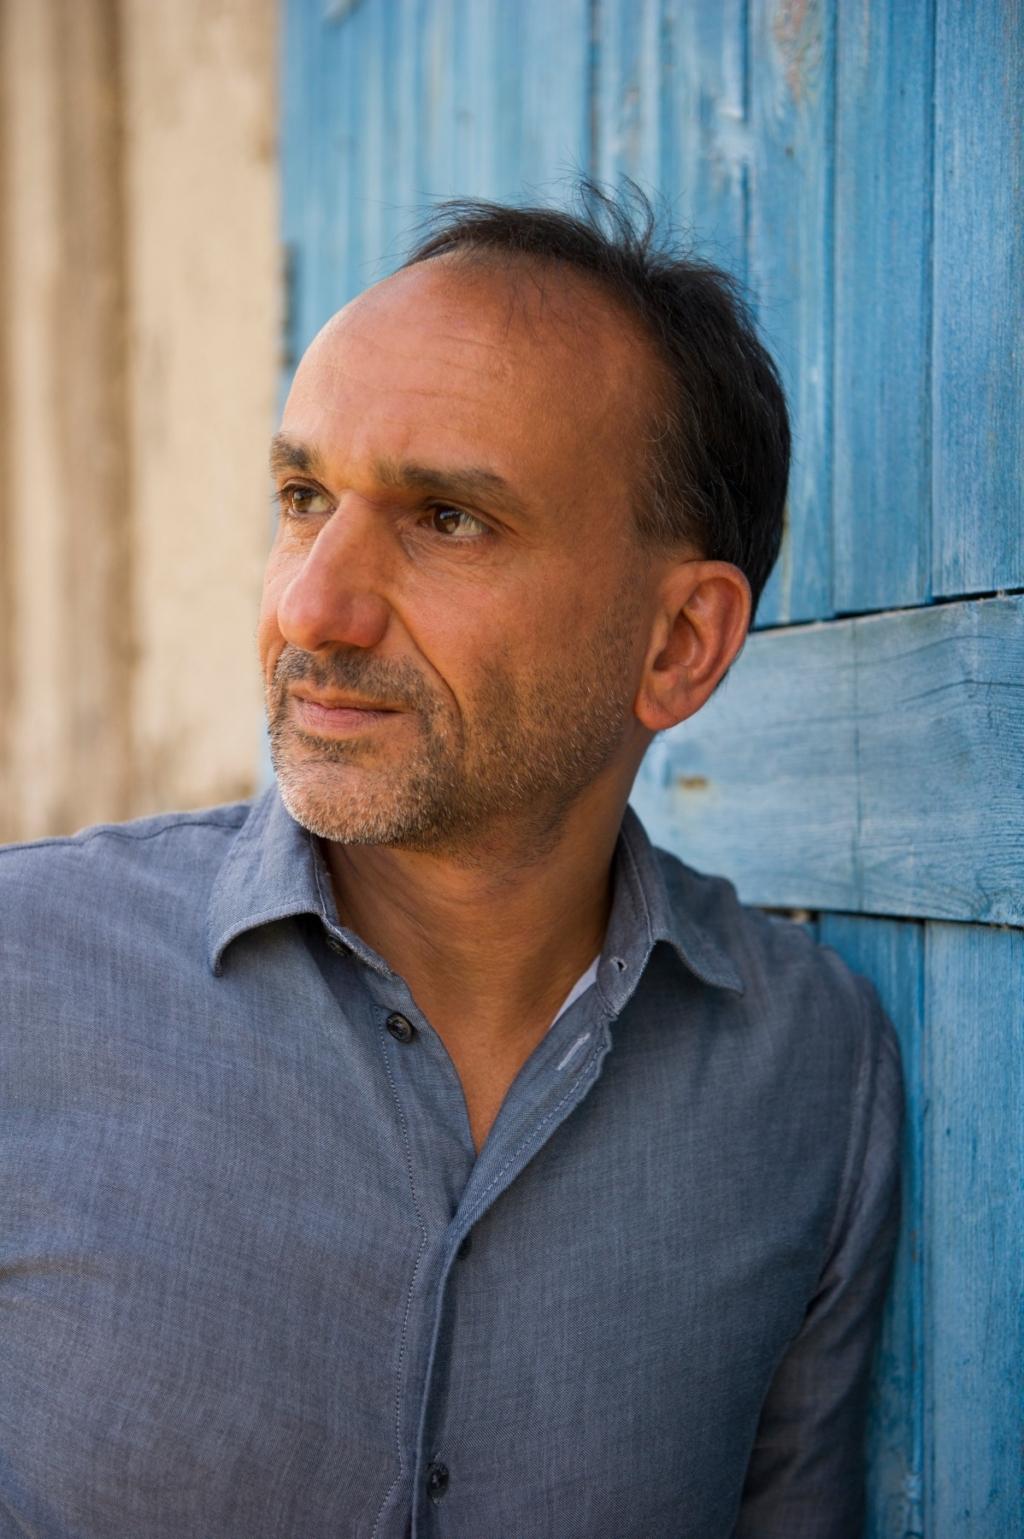 Lesung in der Sonnenburg - Daniel Speck mit Jaffa Road